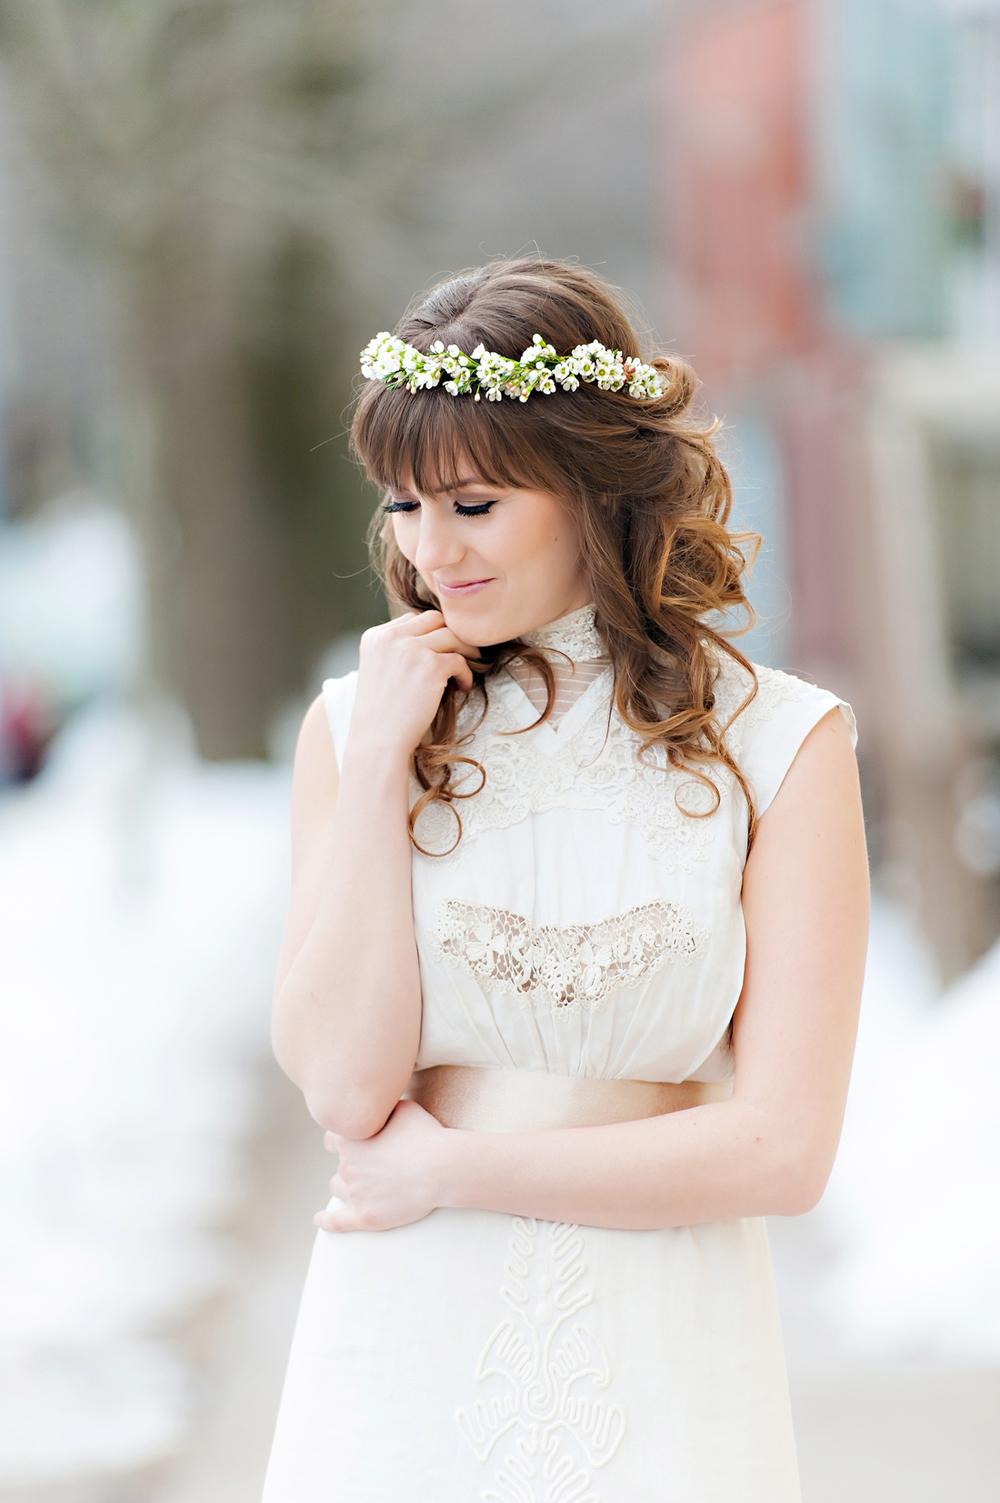 Halifax-Indie-Wedding-Social-models192.jpg